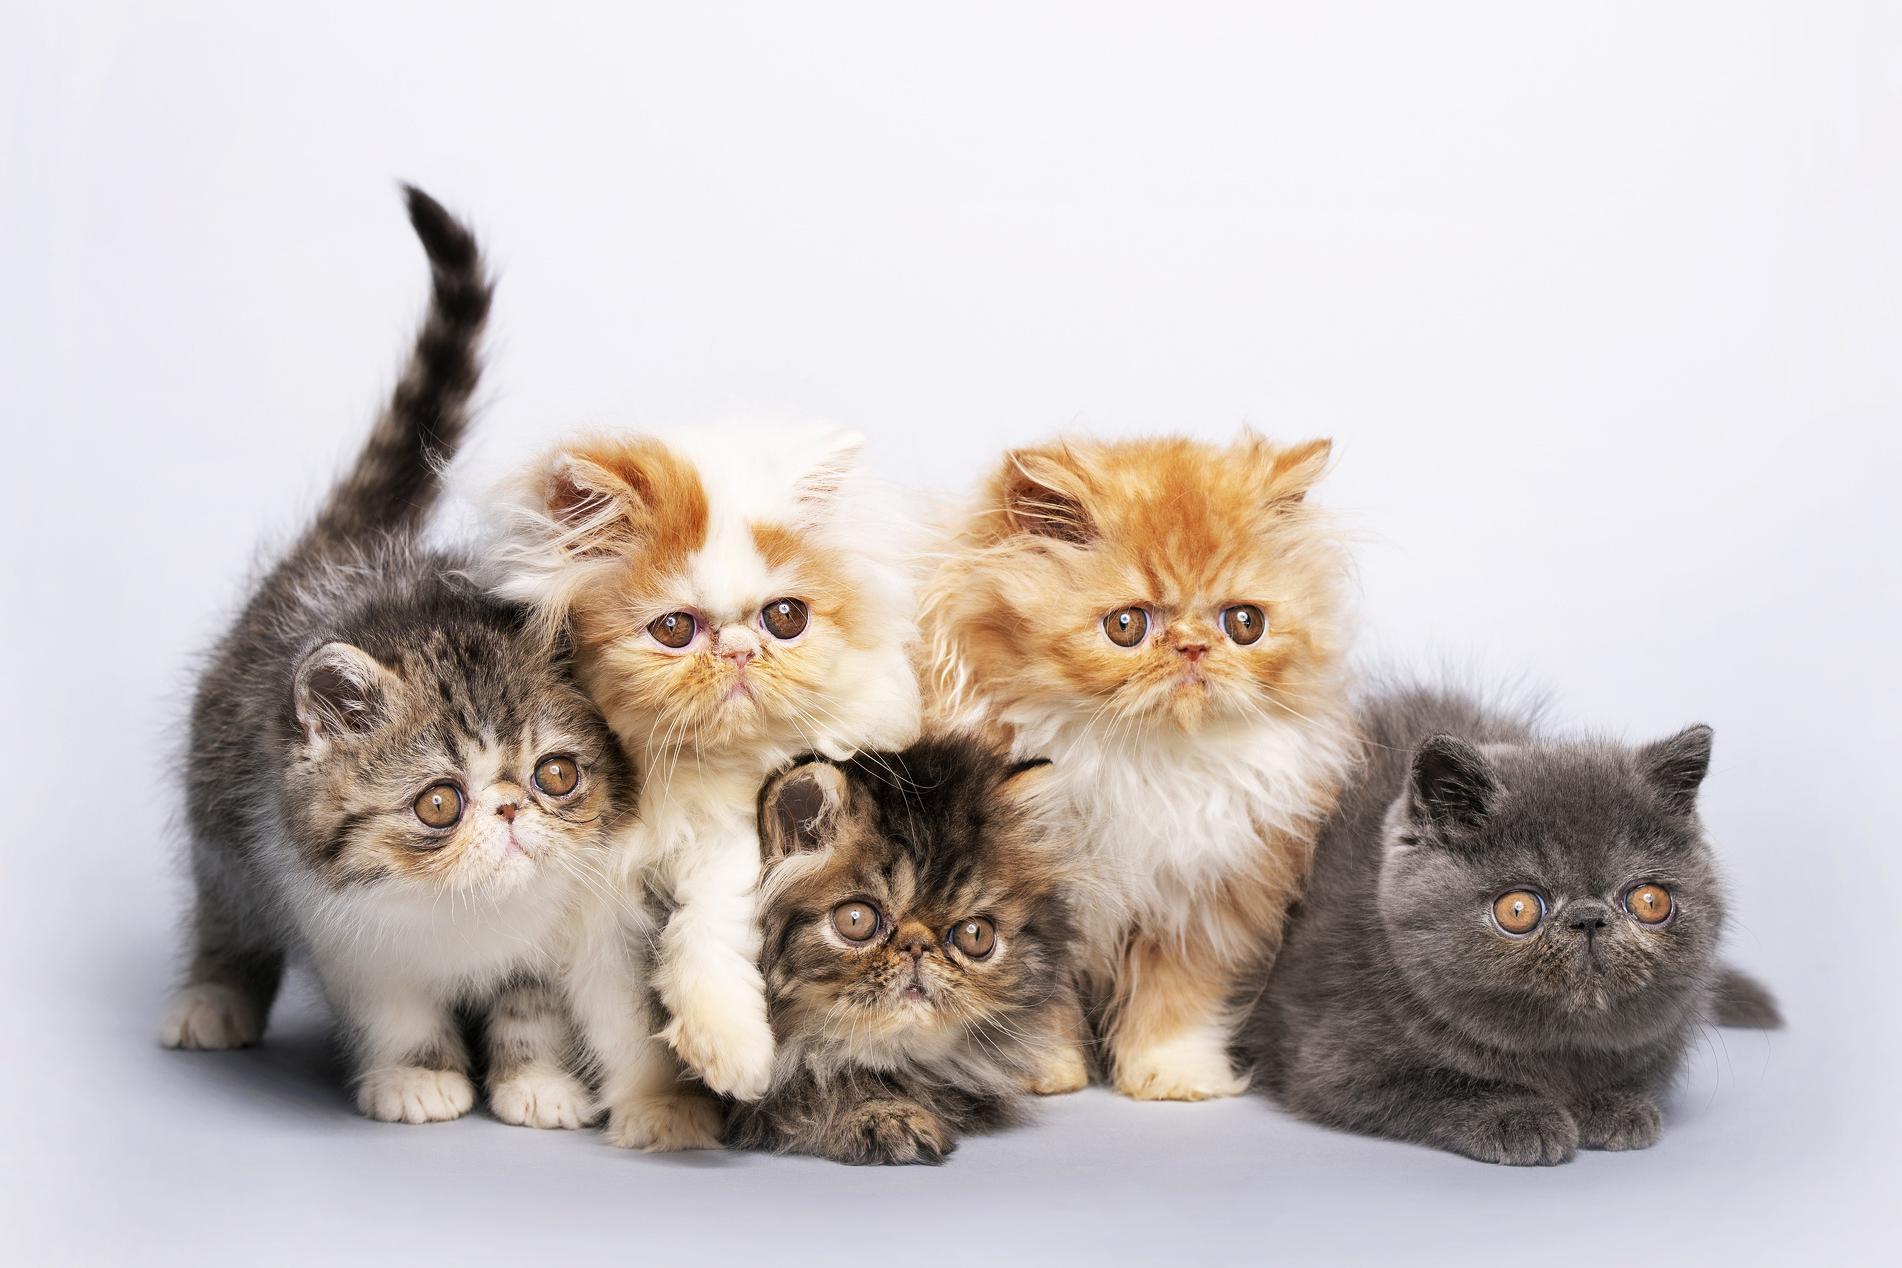 Ảnh đàn mèo Ba Tư nhiều màu đẹp